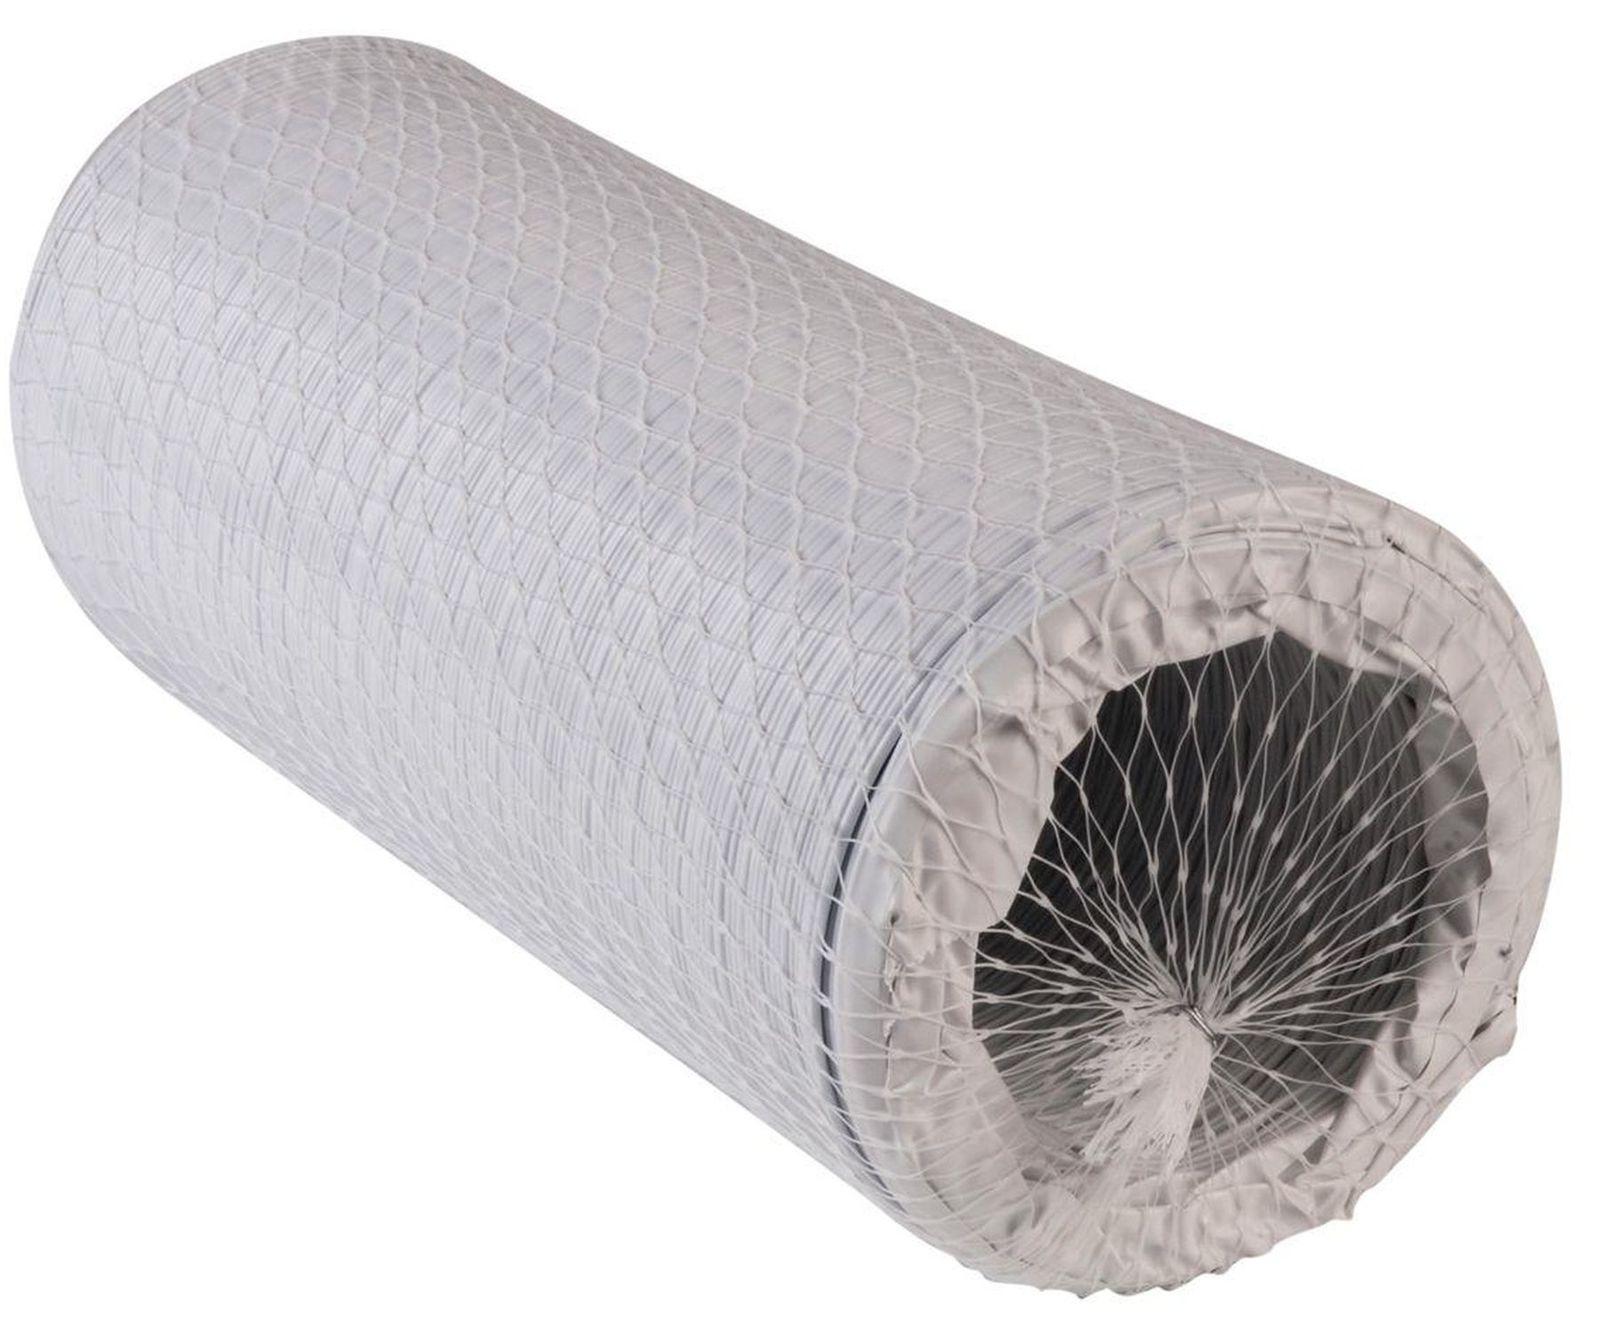 Flex gewebeschlauch cm abluftschlauch Ø mm klimaanlage